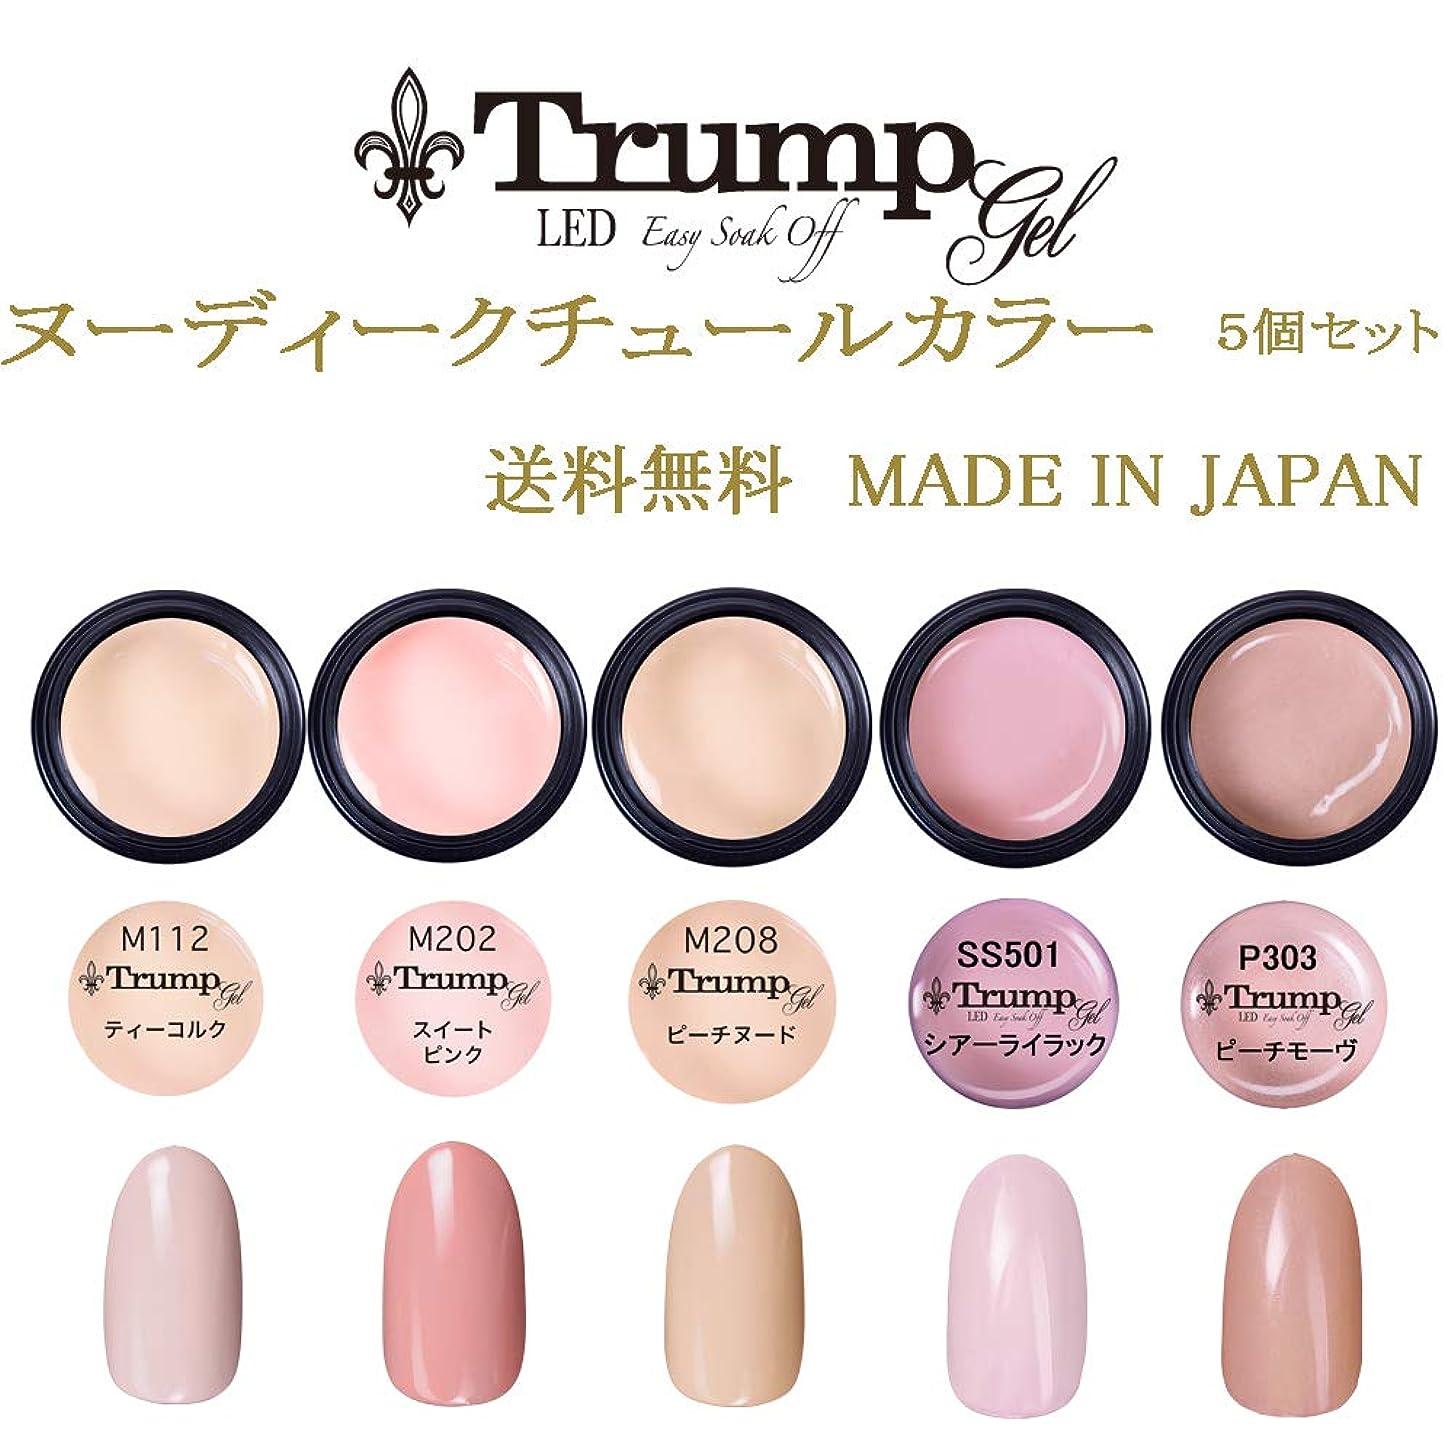 尊敬するコメント薄いです【送料無料】日本製 Trump gel トランプジェルヌーディクチュールカラージェル 5個セット肌馴染みの良い ヌーデイクチュールカラージェルセット